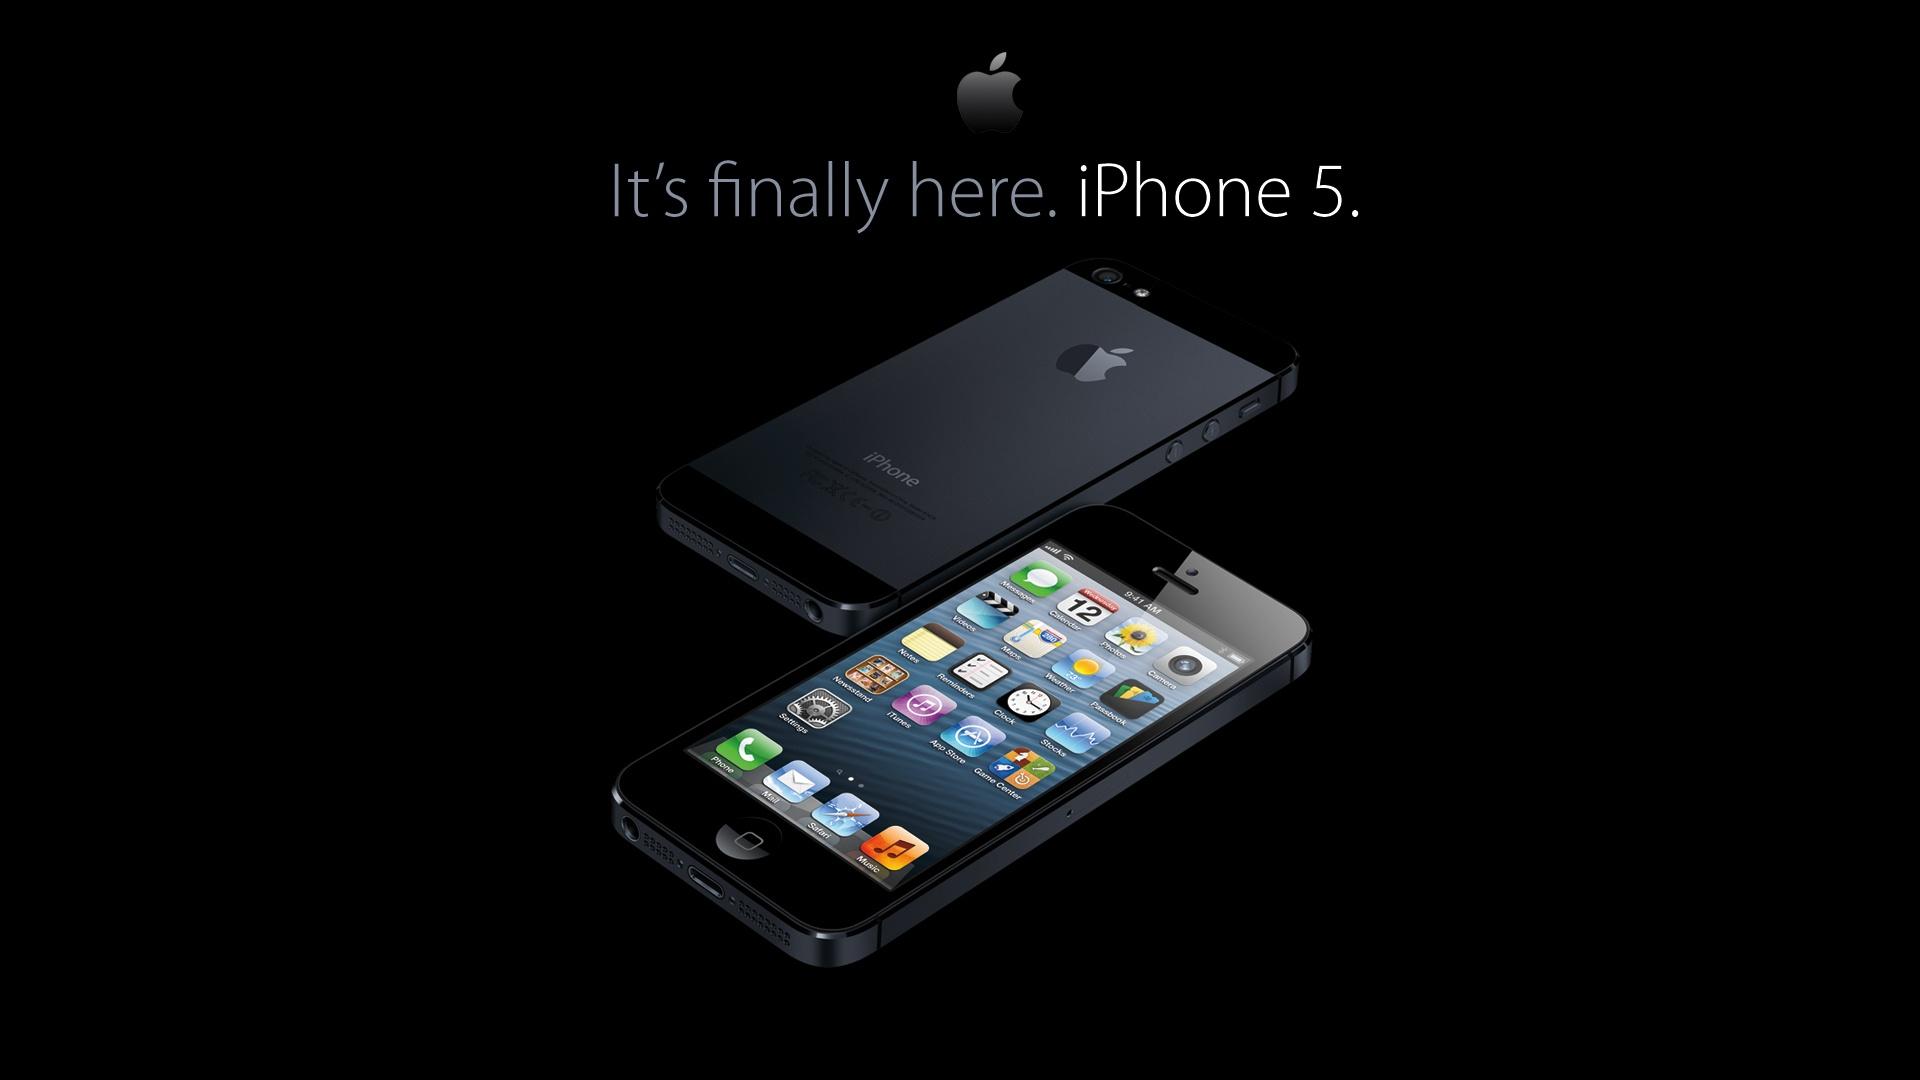 Iphone 5 Black HD Wallpaper ImageBankbiz 1280x1024